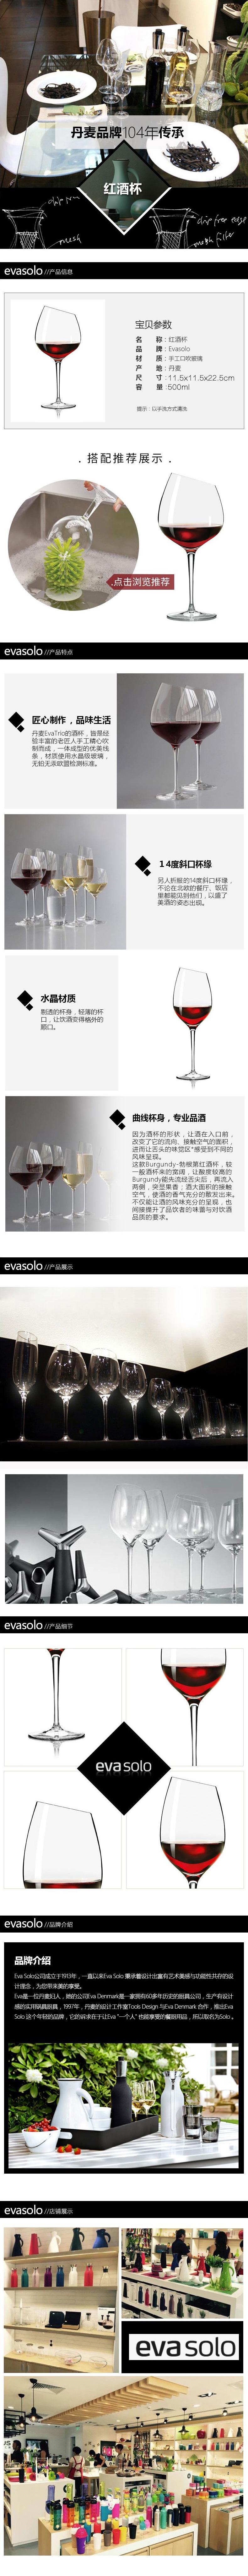 红酒杯小图.jpg